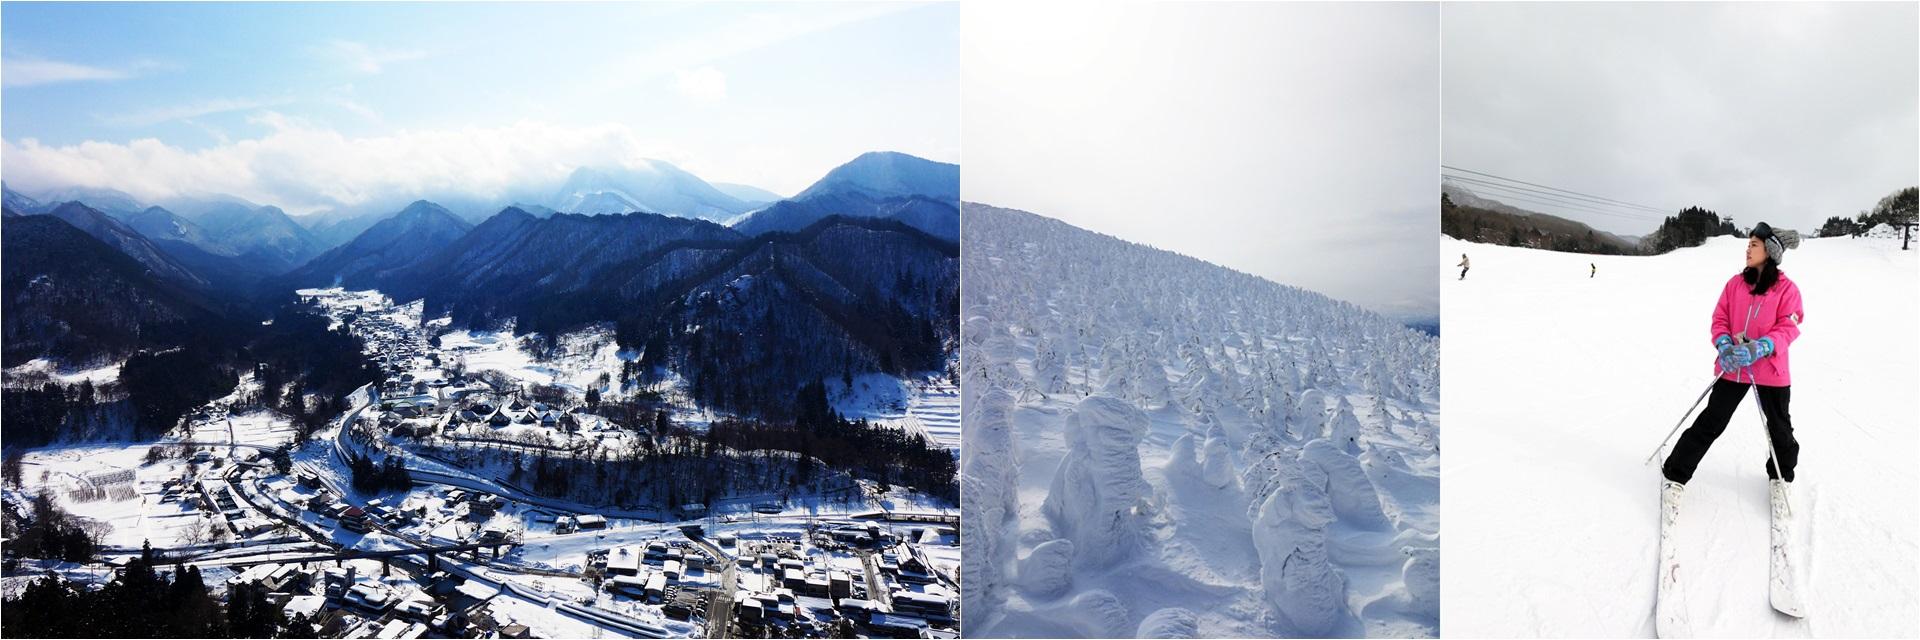 沒看過雪沒在怕!來趟日本東北,開啟雪國子民獨享度假模式